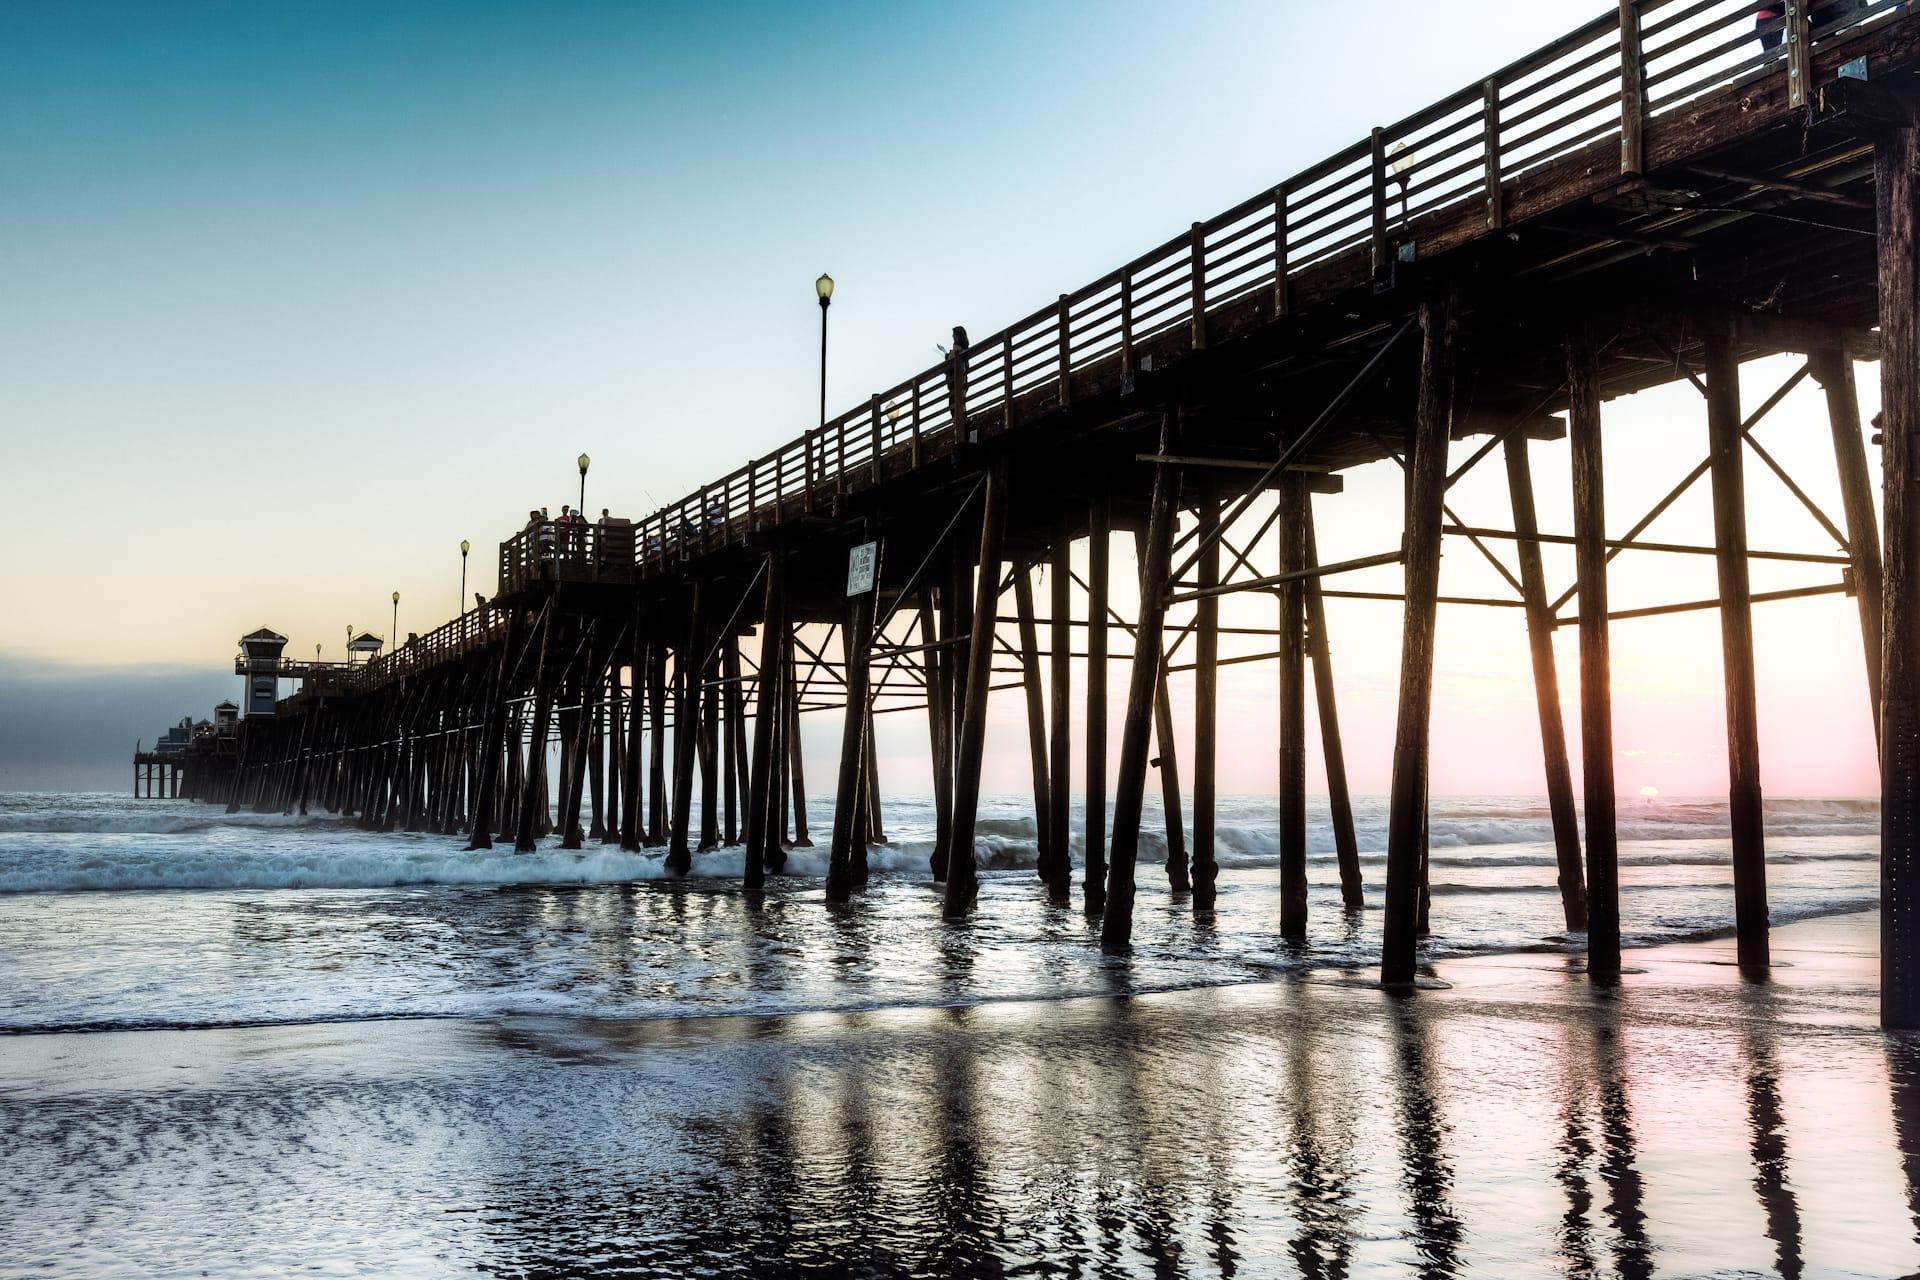 Sony Full Frame Lenses >> Purple Sunset at the Oceanside Pier - Alik Griffin